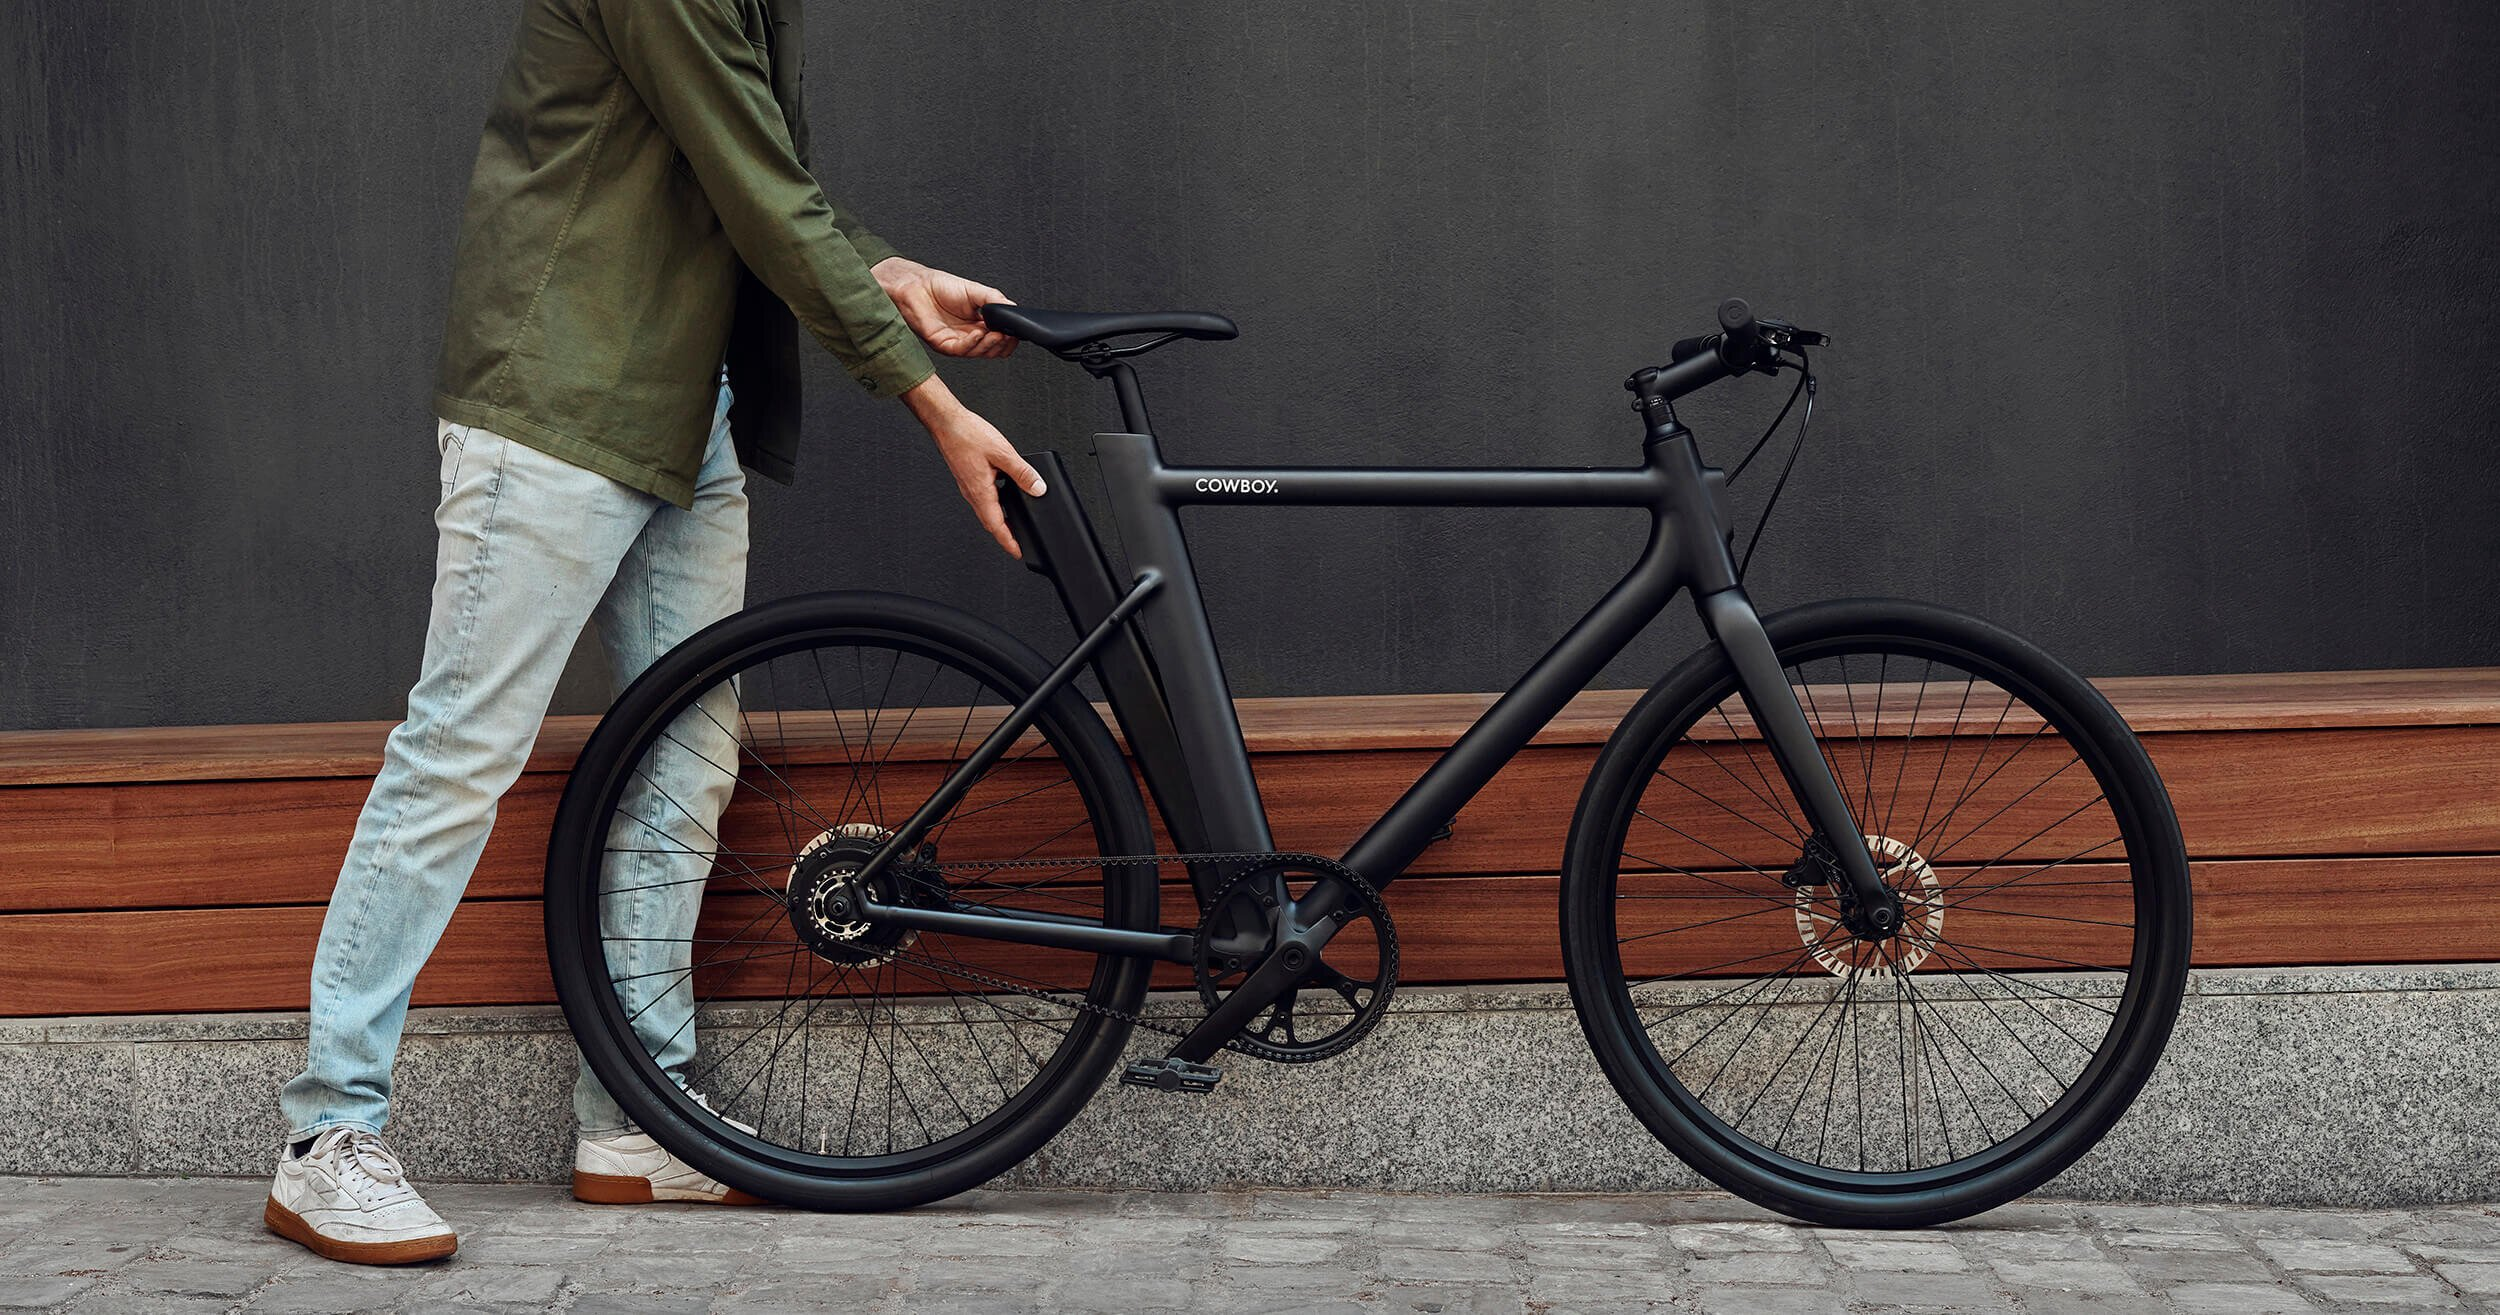 Cowboy 3 : une troisième génération de vélo électrique belge améliorée mais plus chère